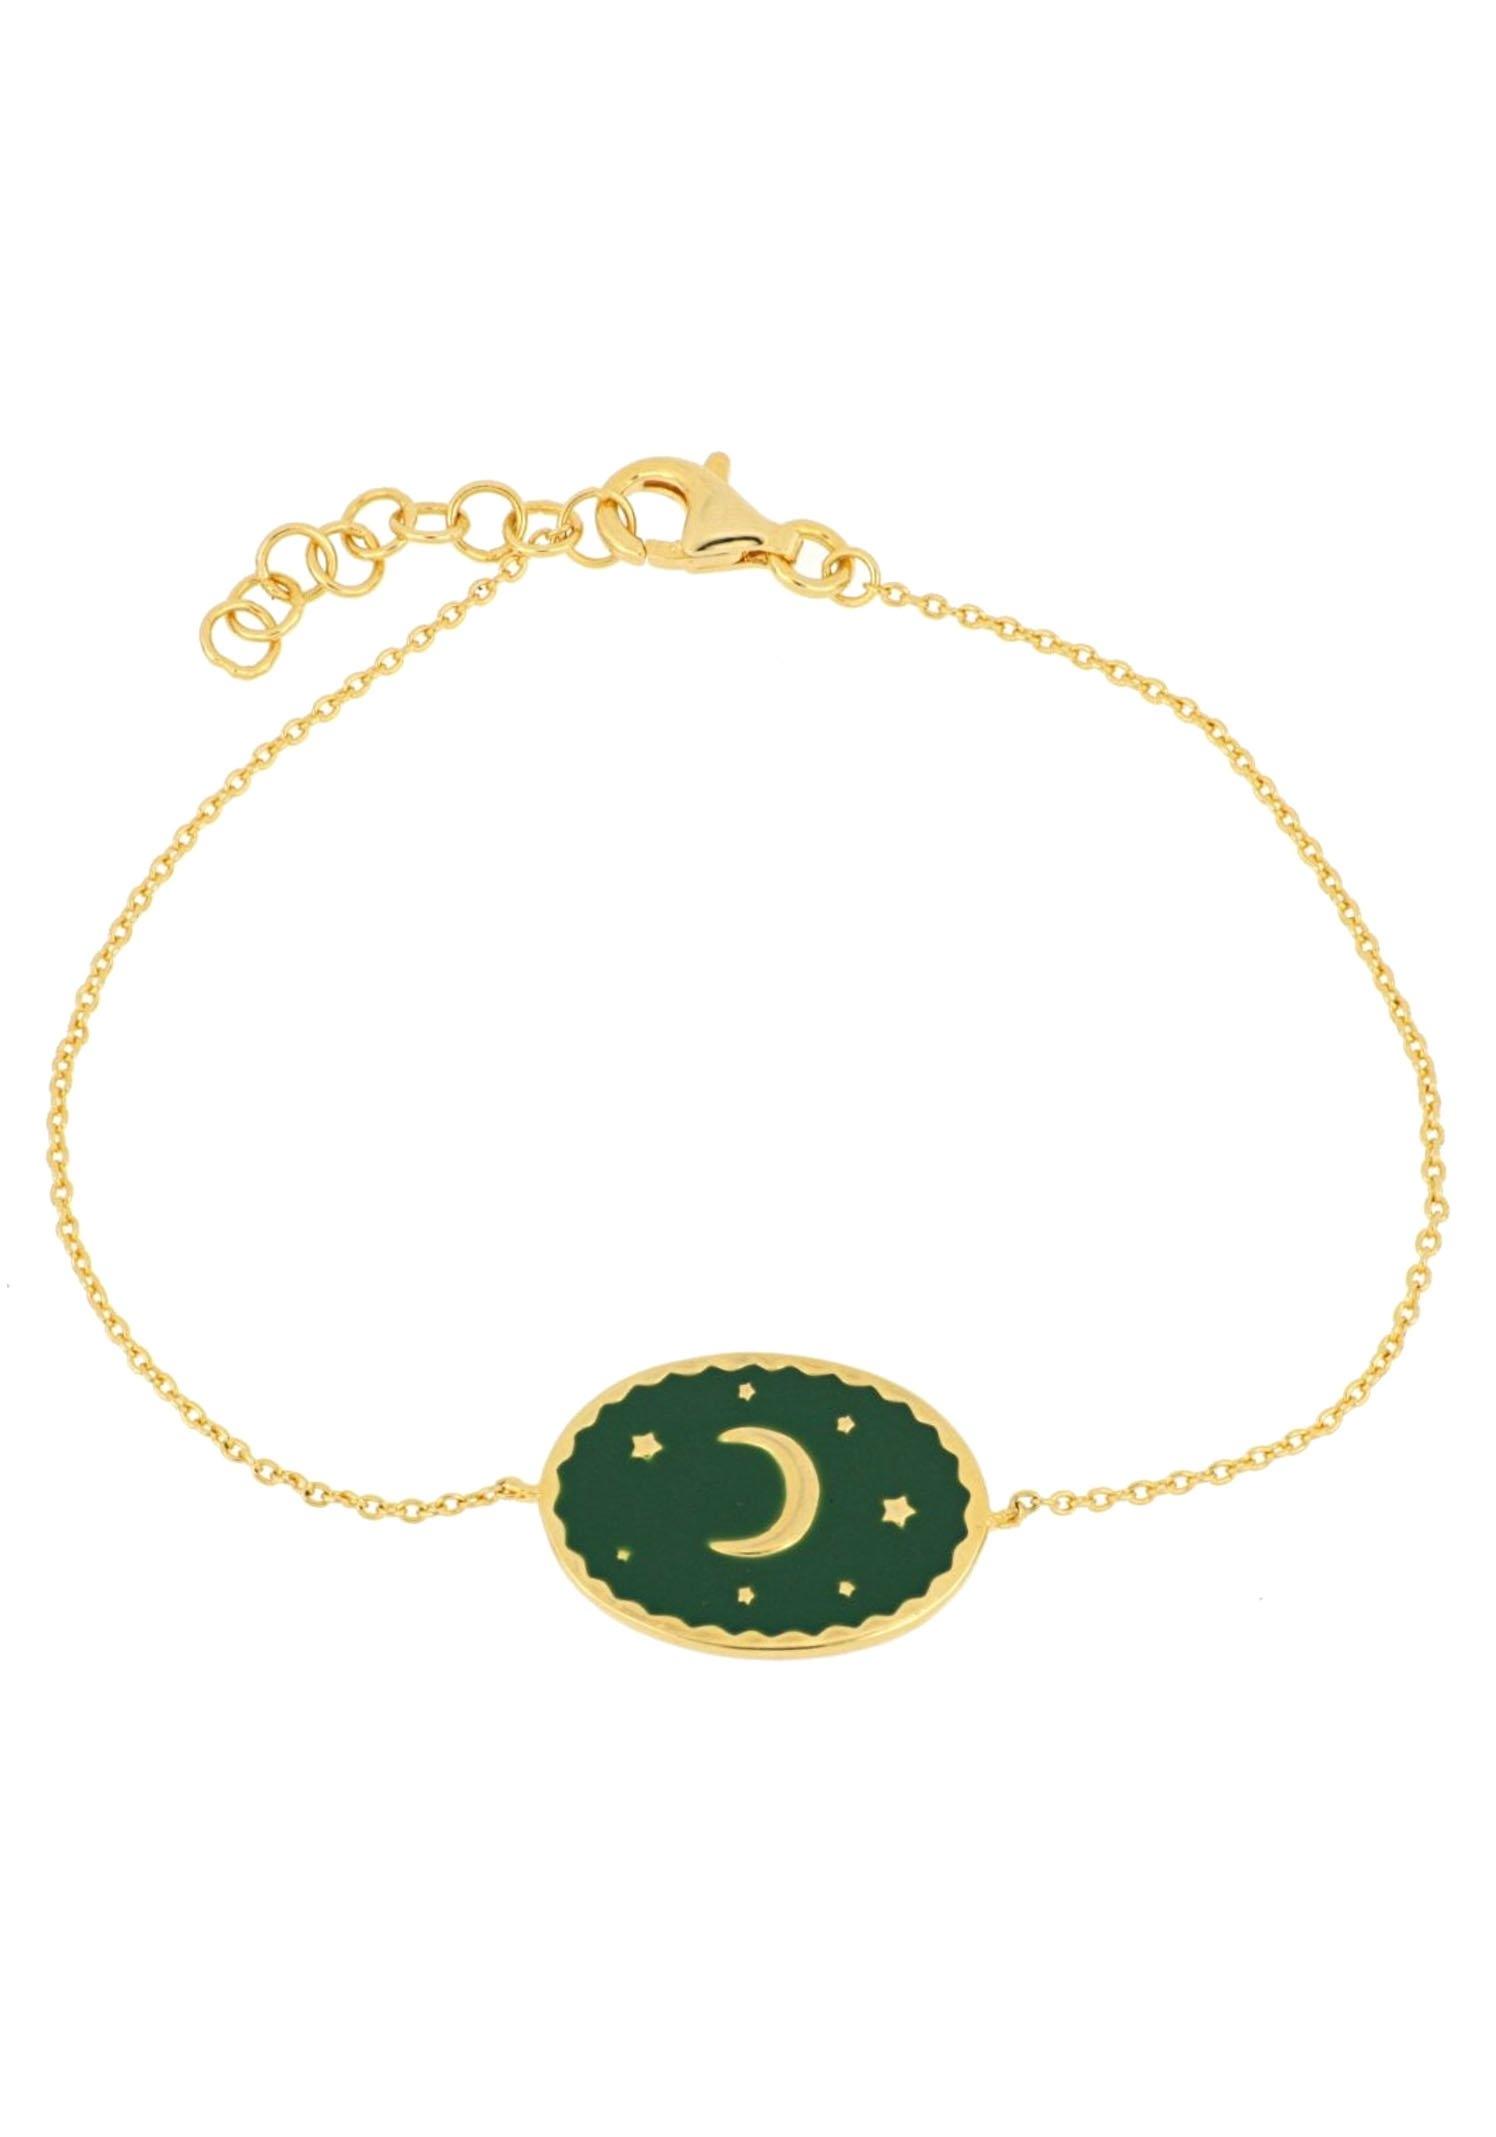 Firetti armband Maan & sterren, verguld, in een glanzende look, massief goedkoop op otto.nl kopen